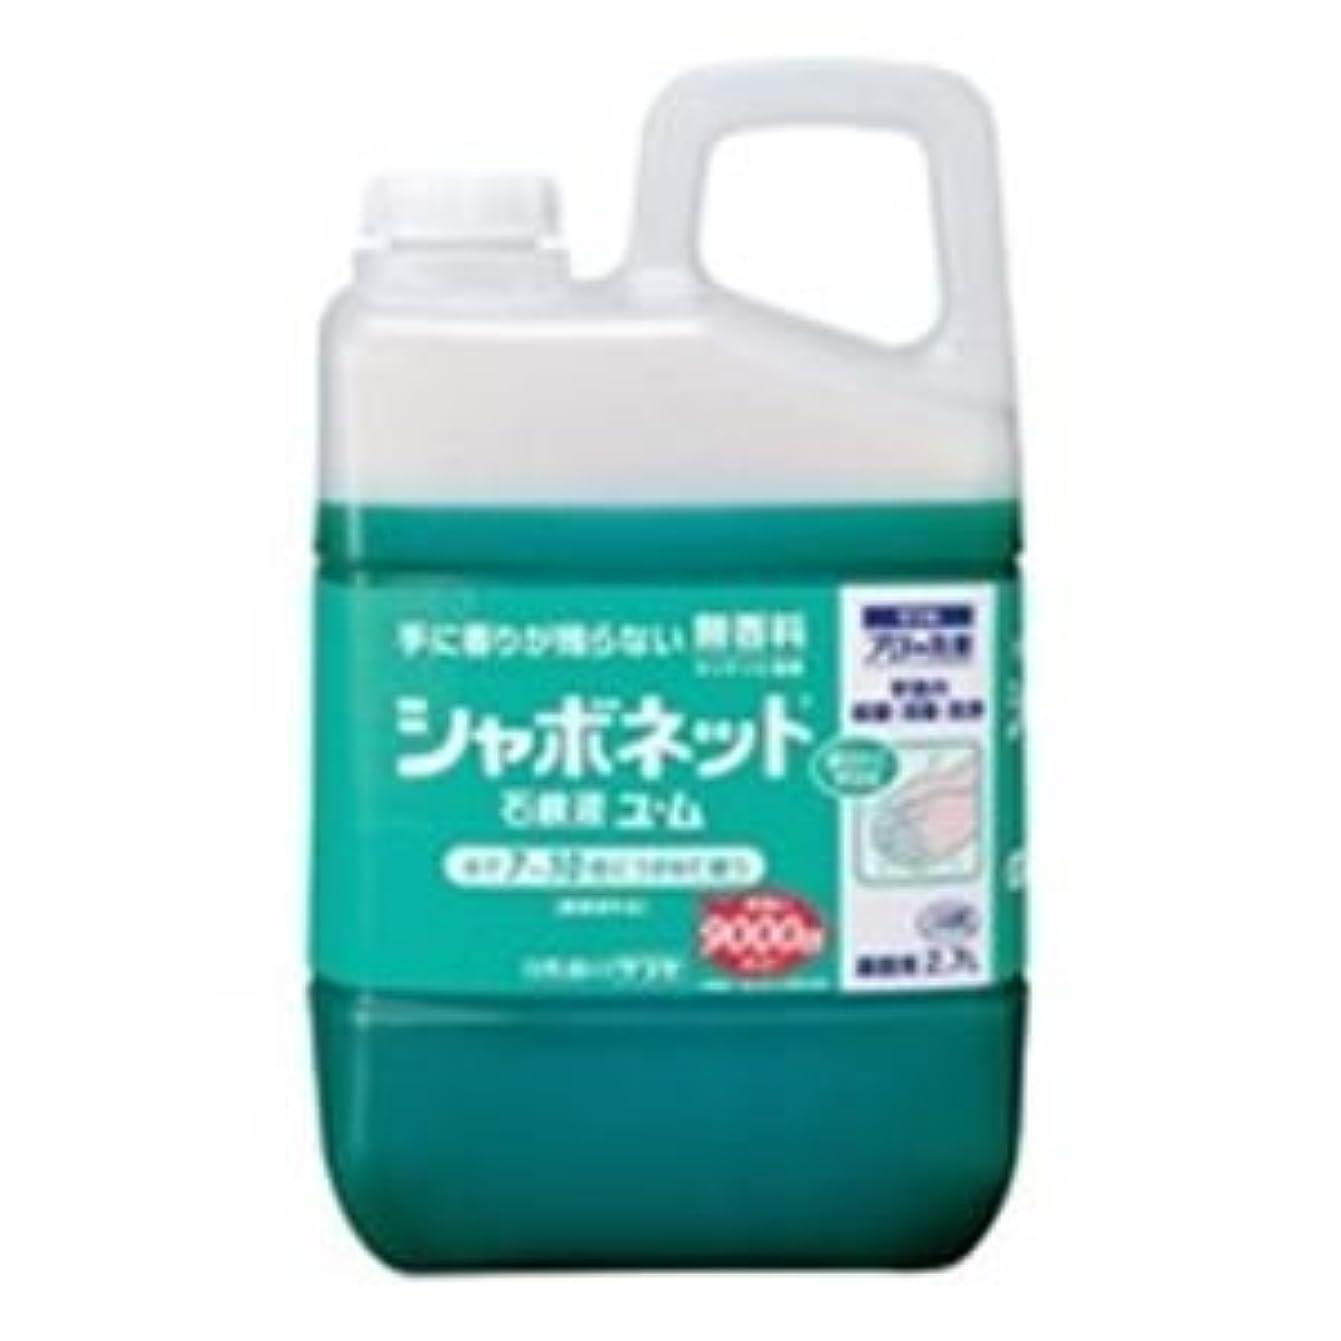 虚弱メロディアス車両( お徳用 5セット ) 東京サラヤ シャボネット 石鹸液ユ?ム 2.7L